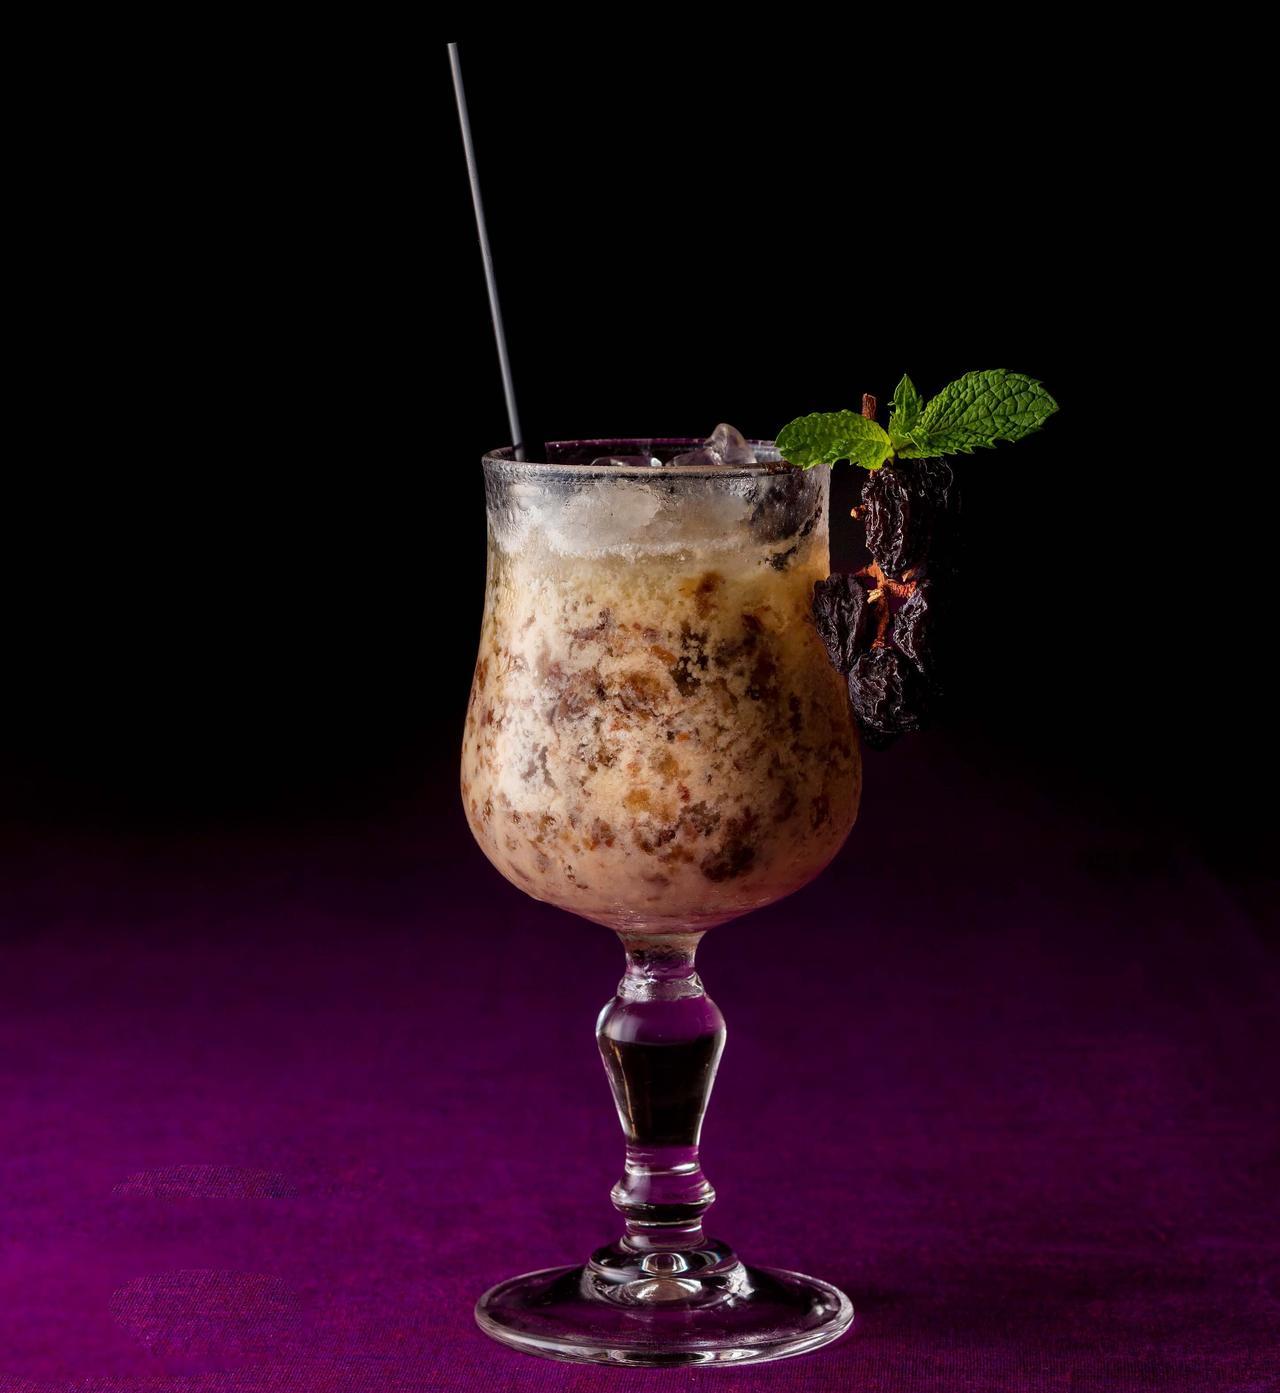 画像: 【ラム レーズン カクテル】2,257円 アイスクリームやクッキー等のフレーバーとしても人気の「ラムレーズン」がカクテルに。ミルクのクリーミーな口当たりの中からバニラの香りがあふれ出るサプライズカクテル。シックなデザインが大人の時間を演出してくれます。